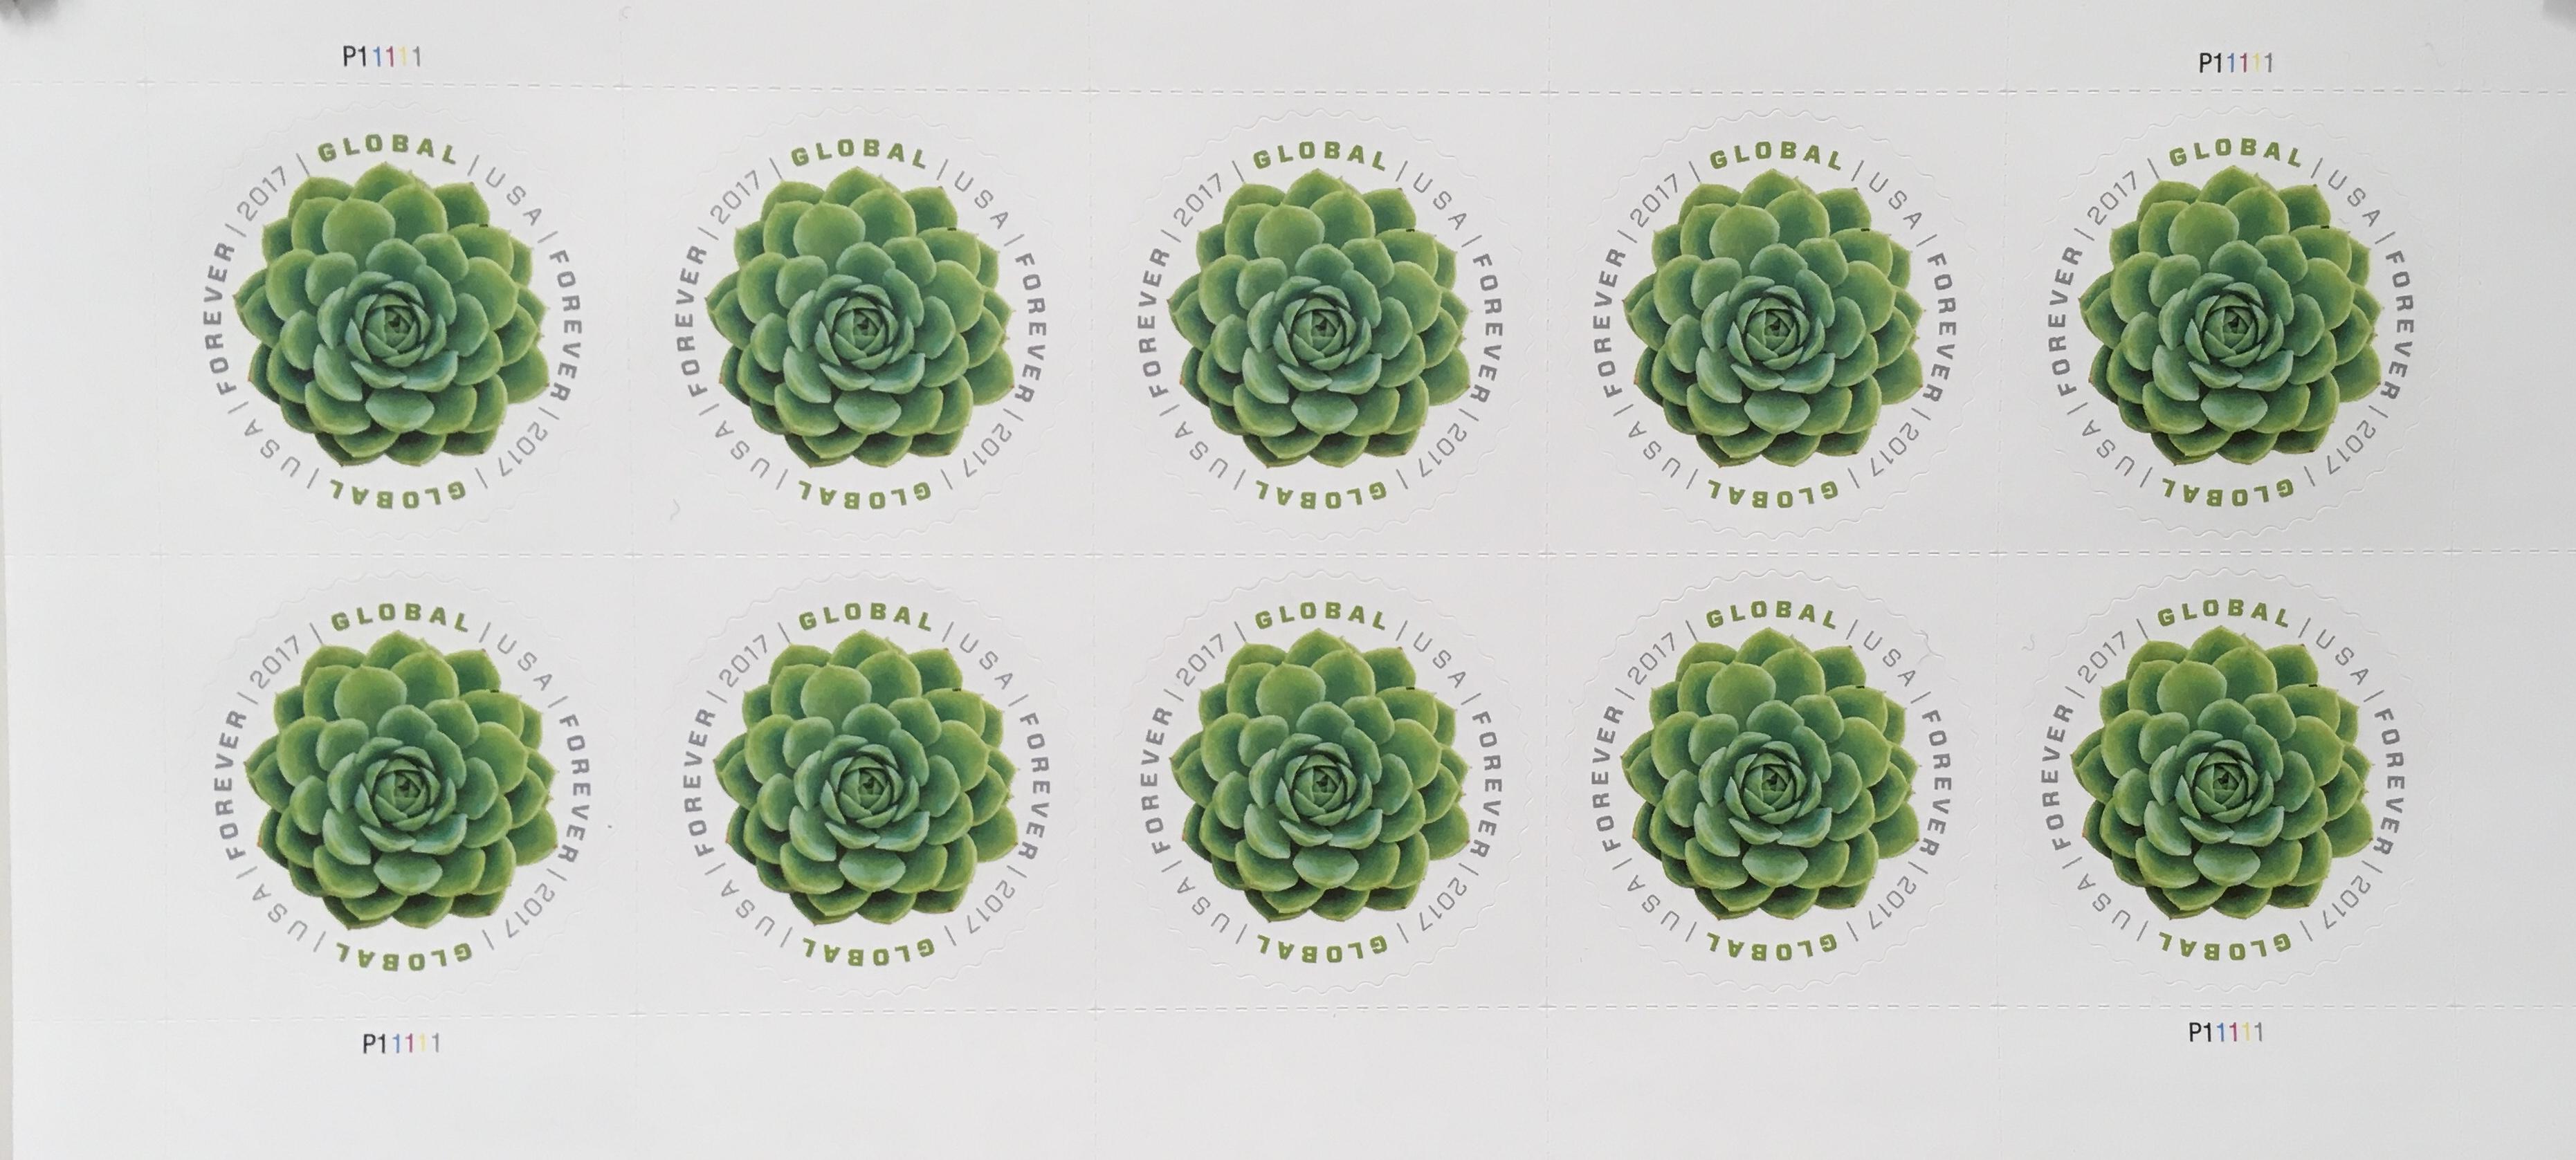 Briefmarken Für Briefe : Vereinigte staaten us briefmarken stamp global forever